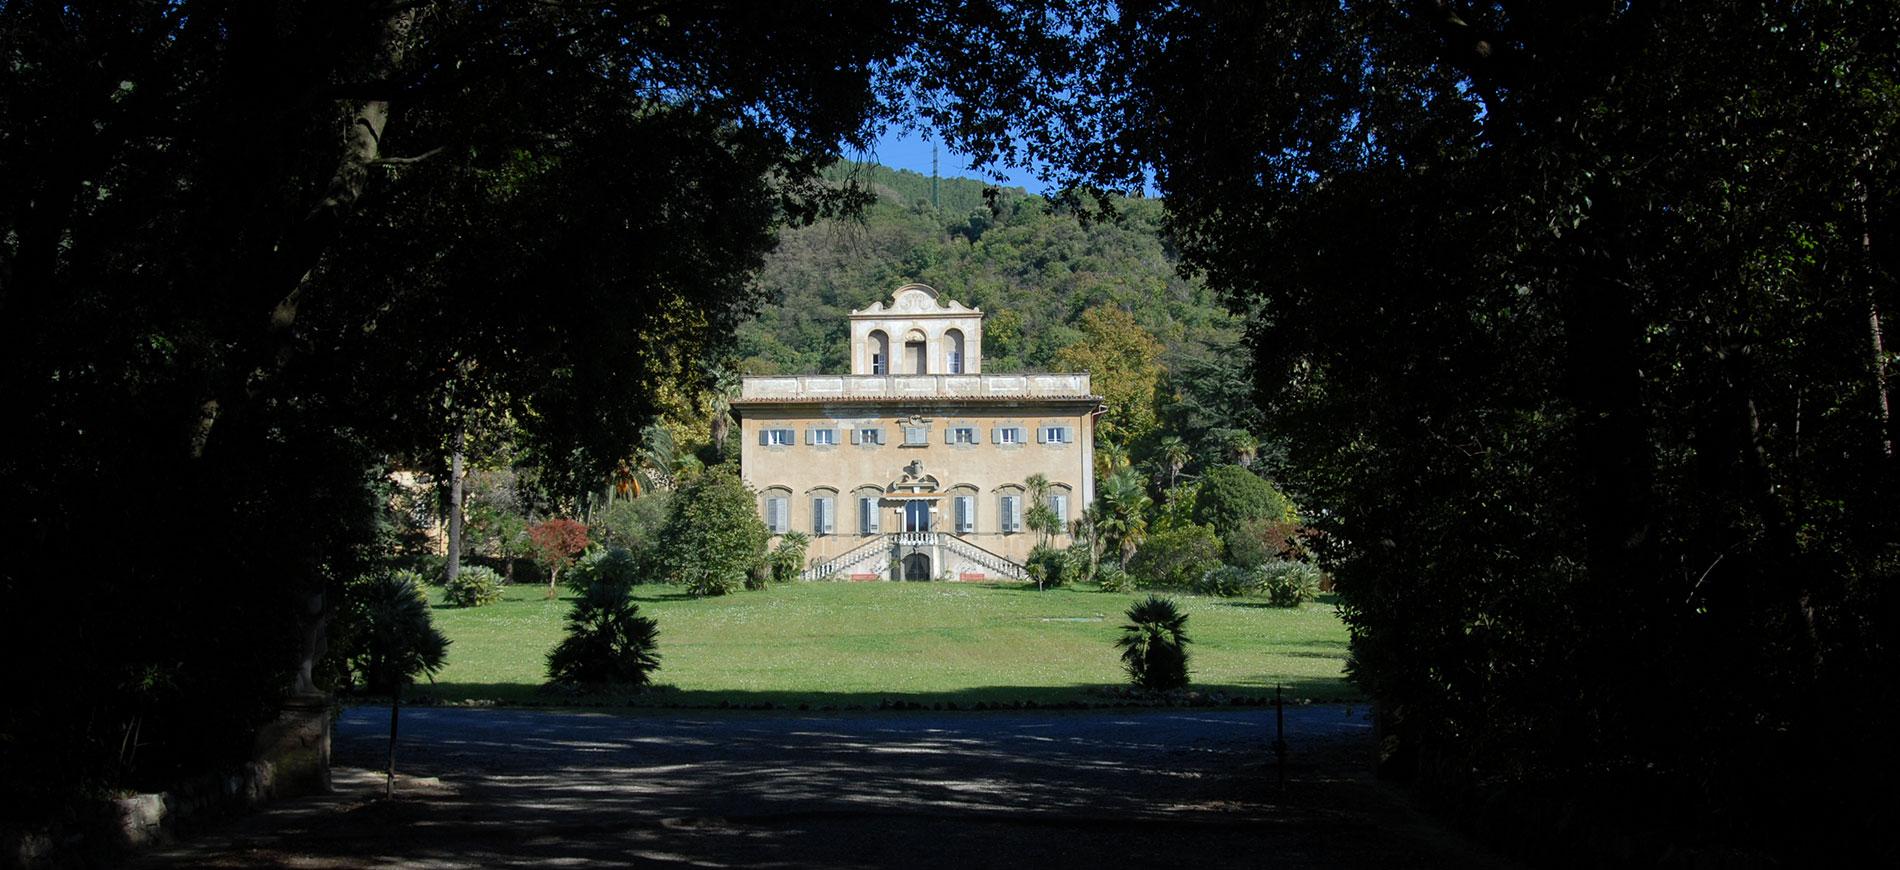 La Villa di Corliano - Toscana: veduta frontale dal parco